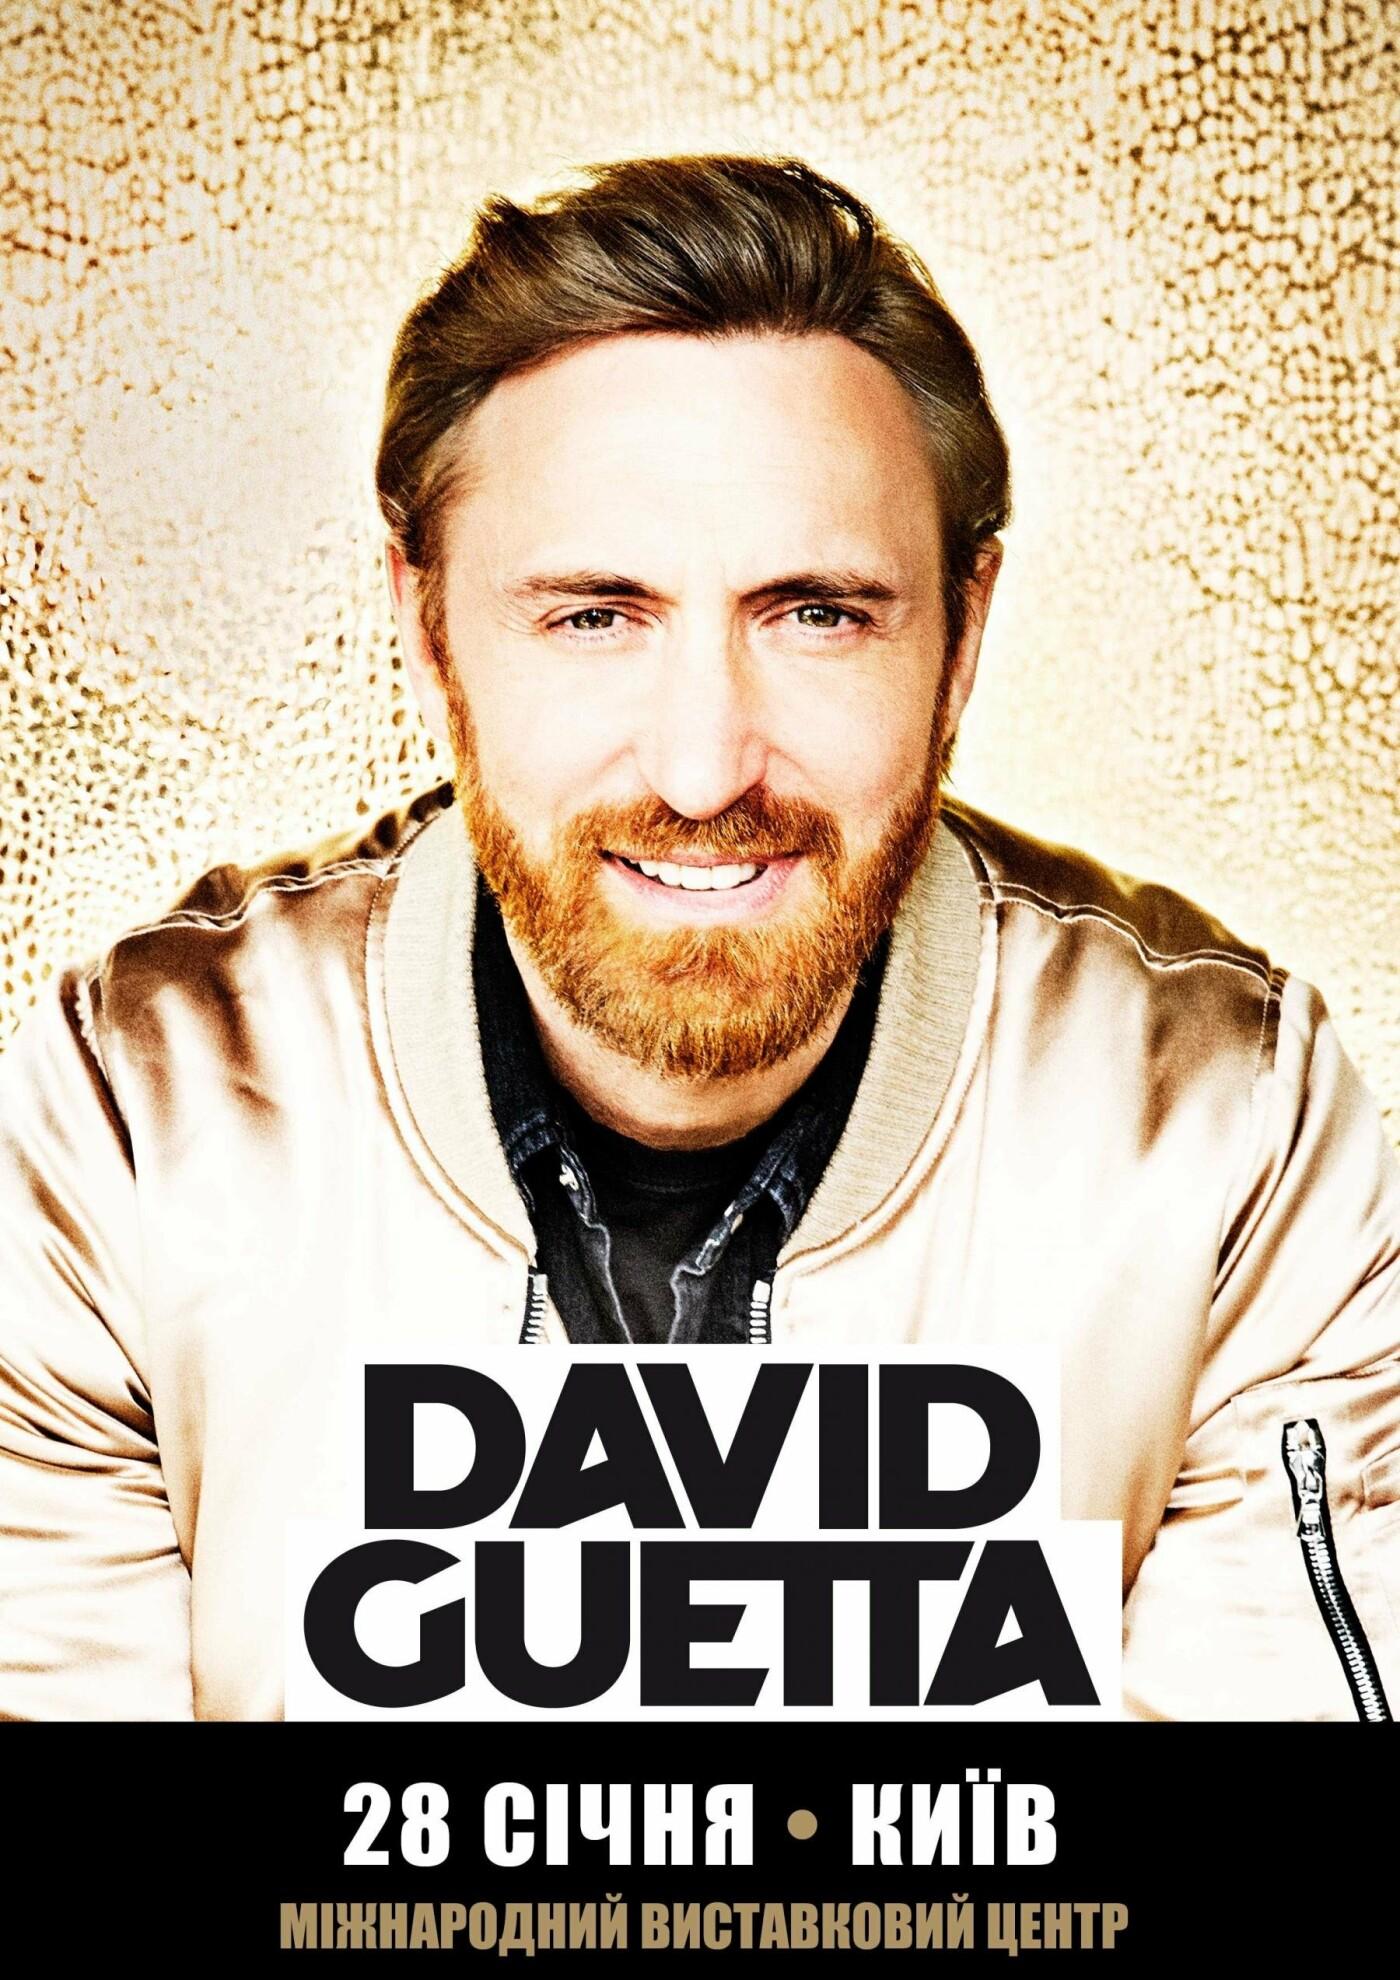 В это воскресенье в Киеве выступит David Guetta, фото-2